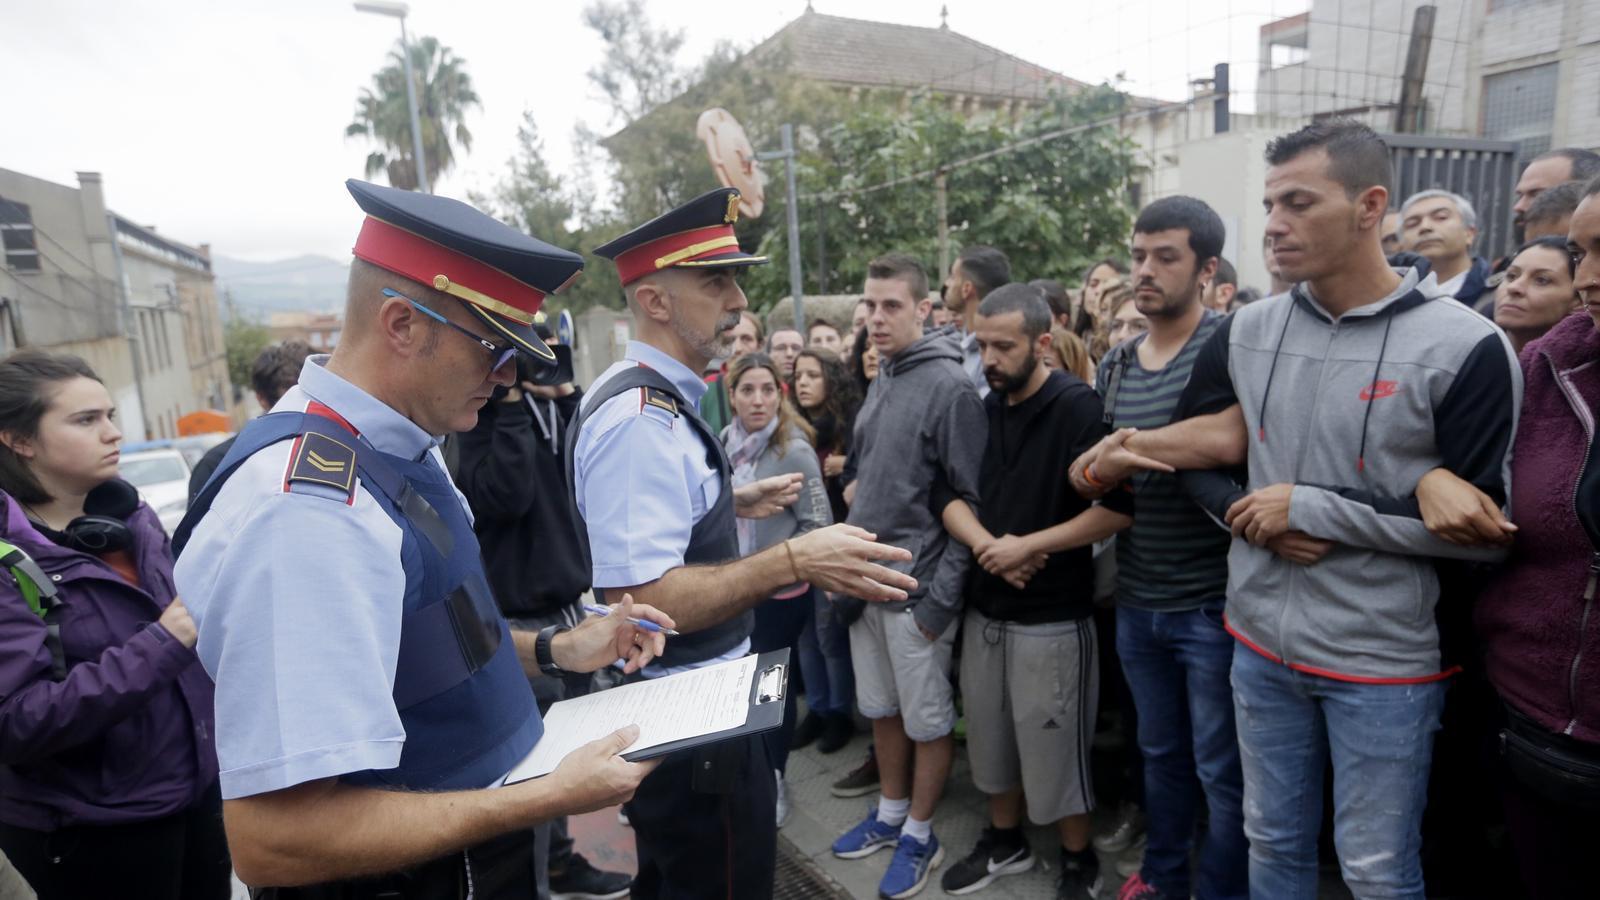 """16 jutjats catalans investiguen els Mossos per """"inactivitat"""" l'1-O"""